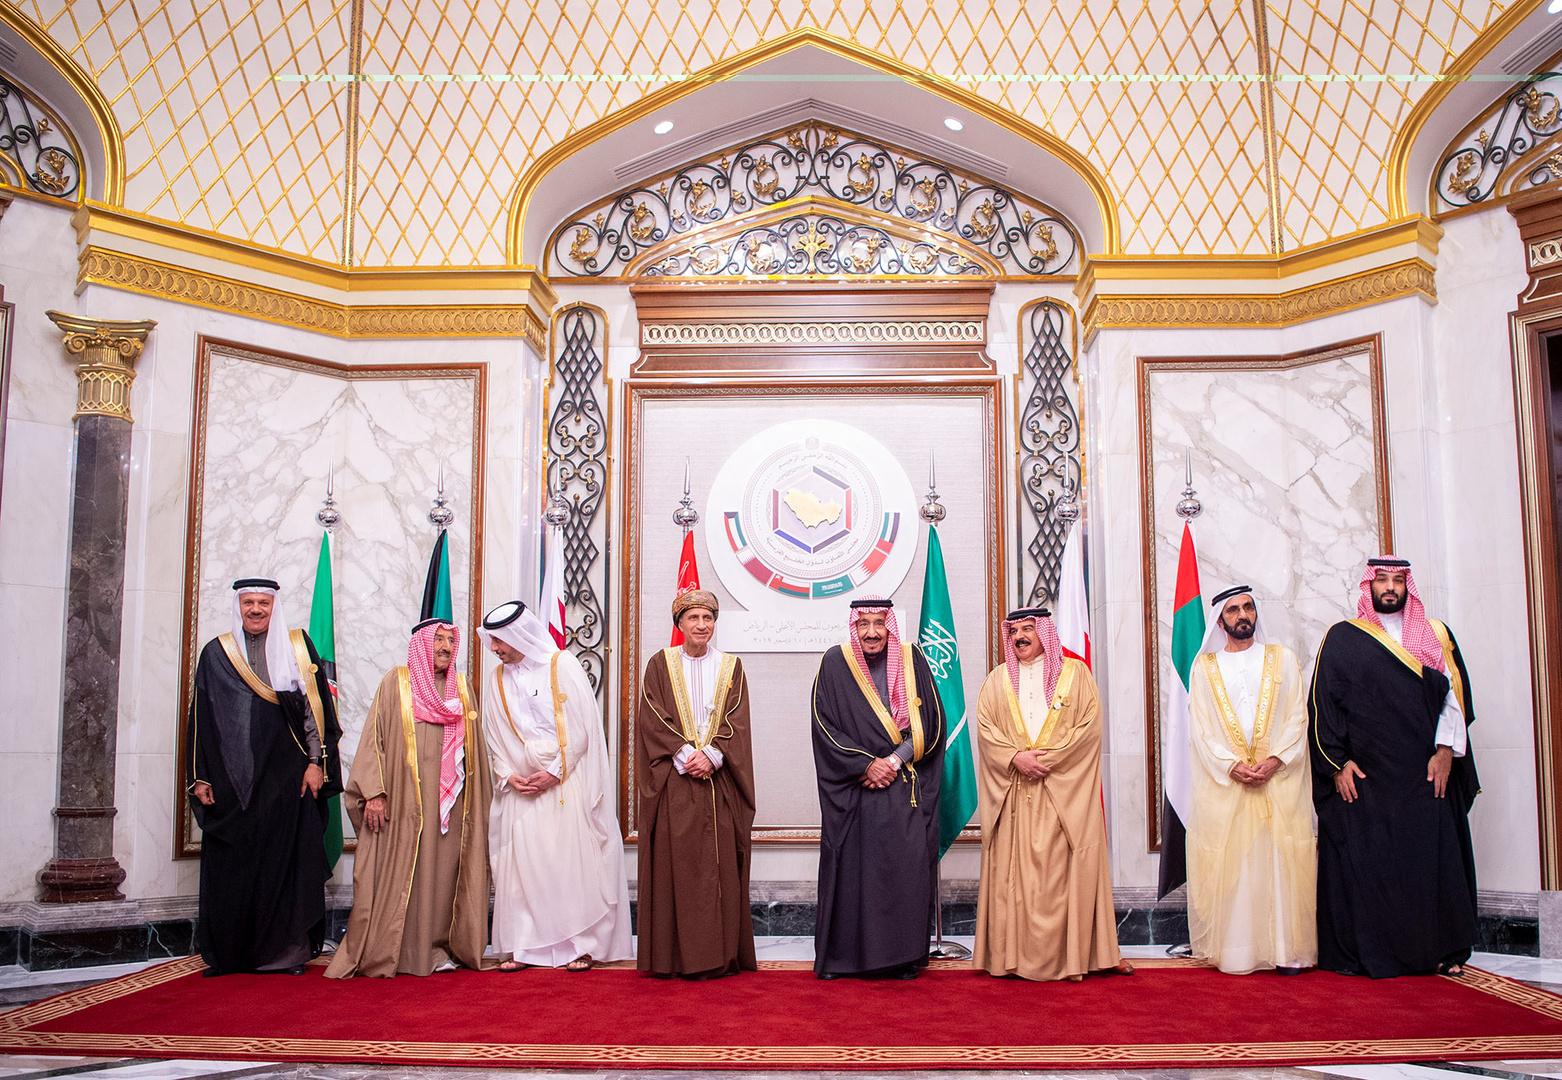 توقعات بعقد القمة الخليجية المقبلة في السعودية بدل البحرين